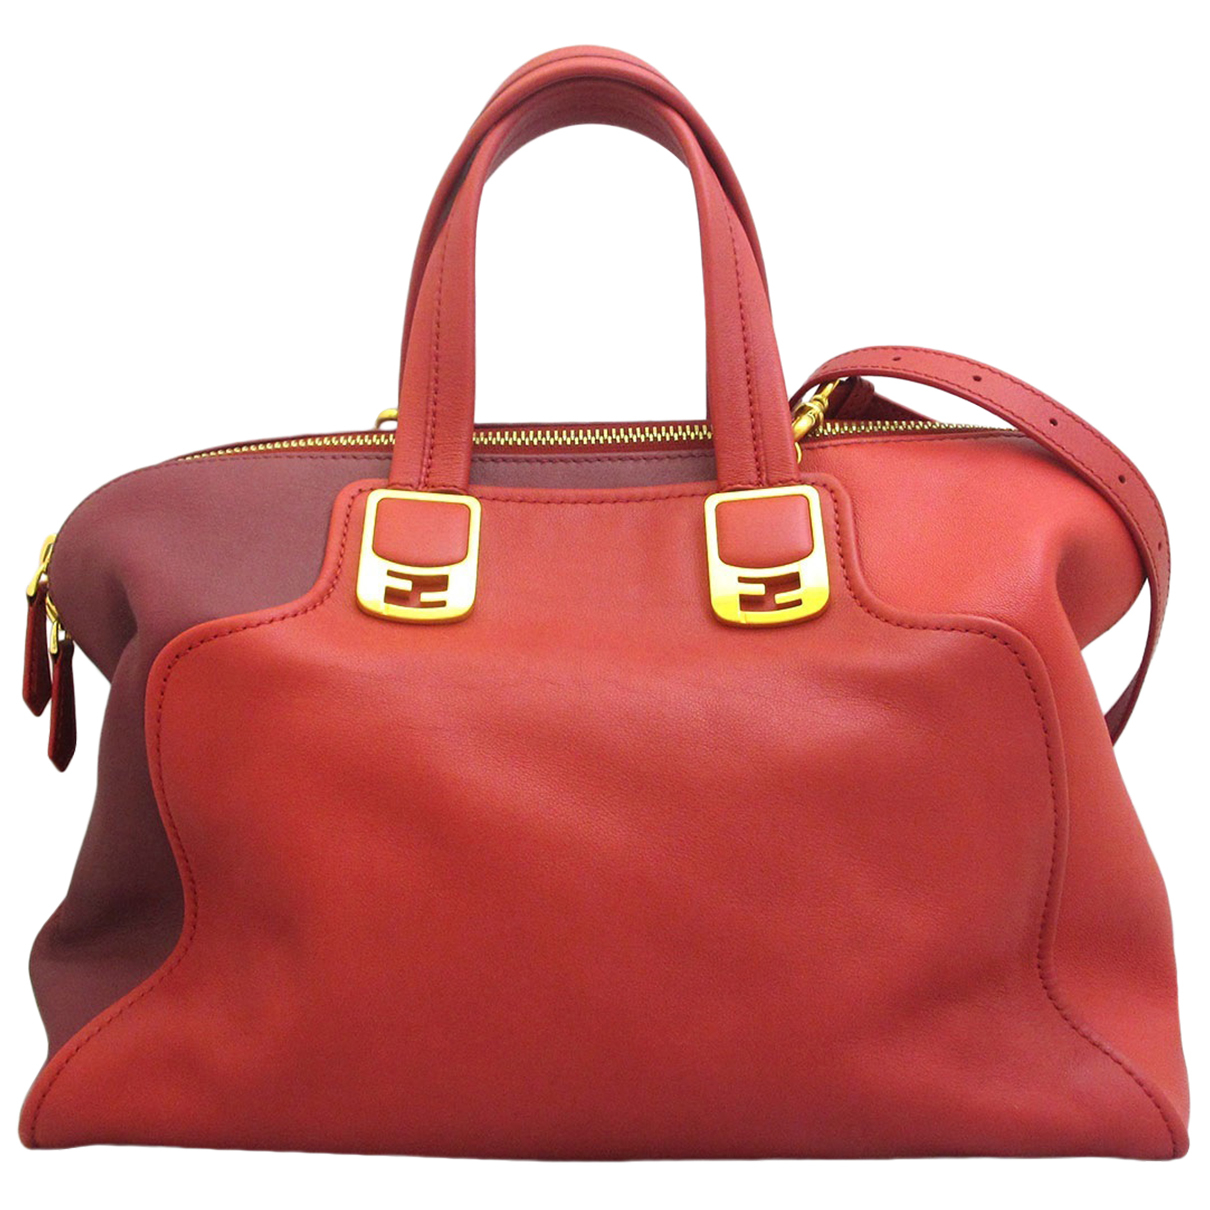 Fendi Chameleon Red Leather handbag for Women \N